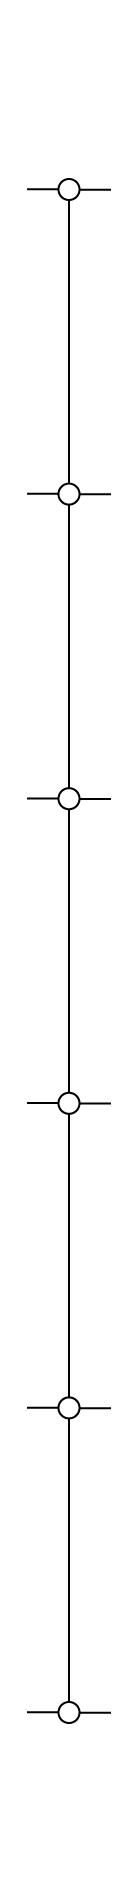 diagram.png